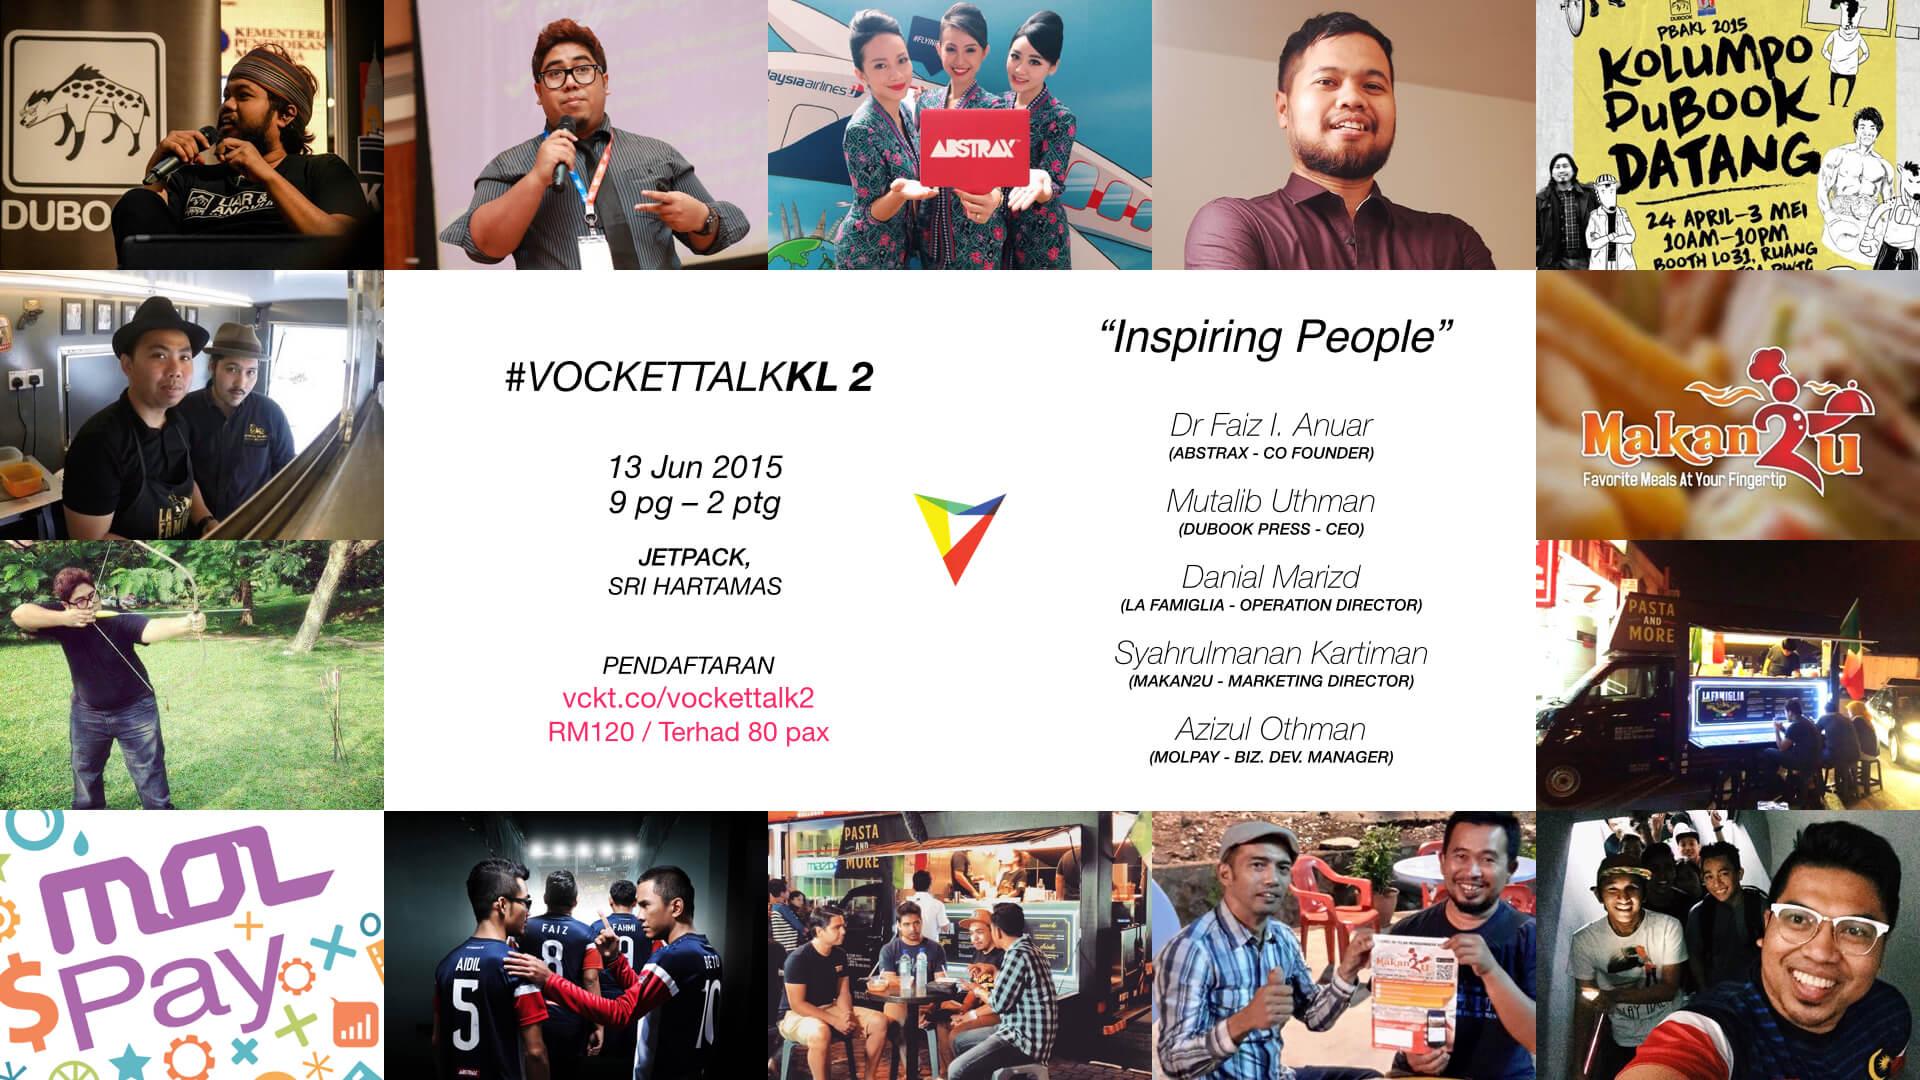 Vocket Talk Poster 2015